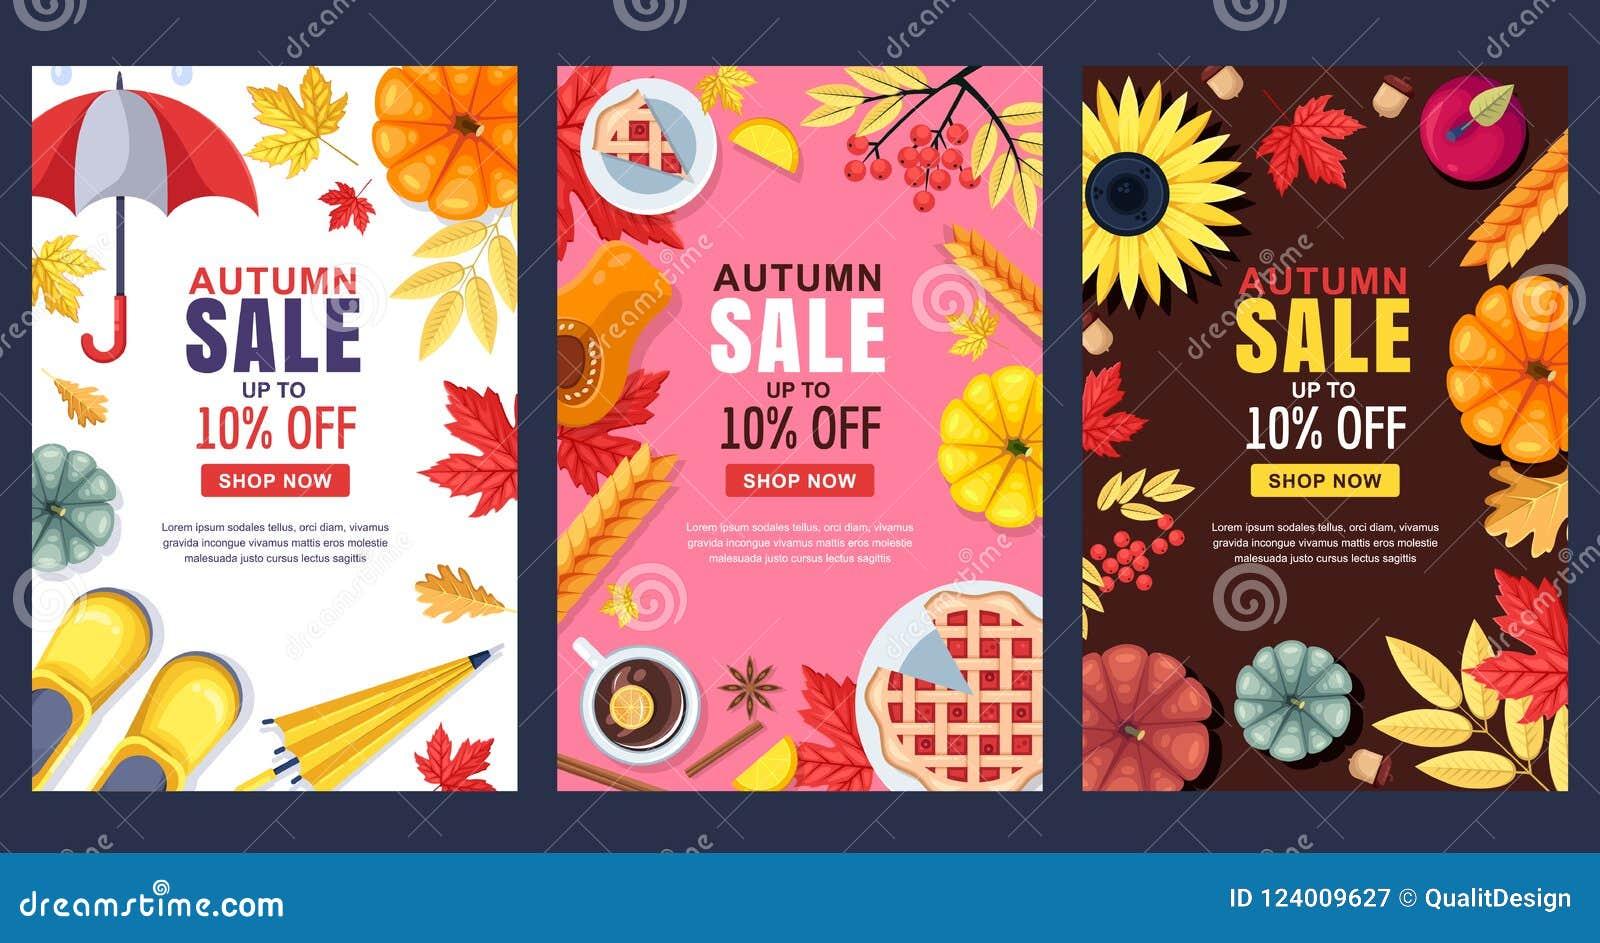 Spadek ilustracja Wektorowy sprzedaż sztandar, plakat lub Ramy, tła z jesieni żniwem, akcesoria i liście,